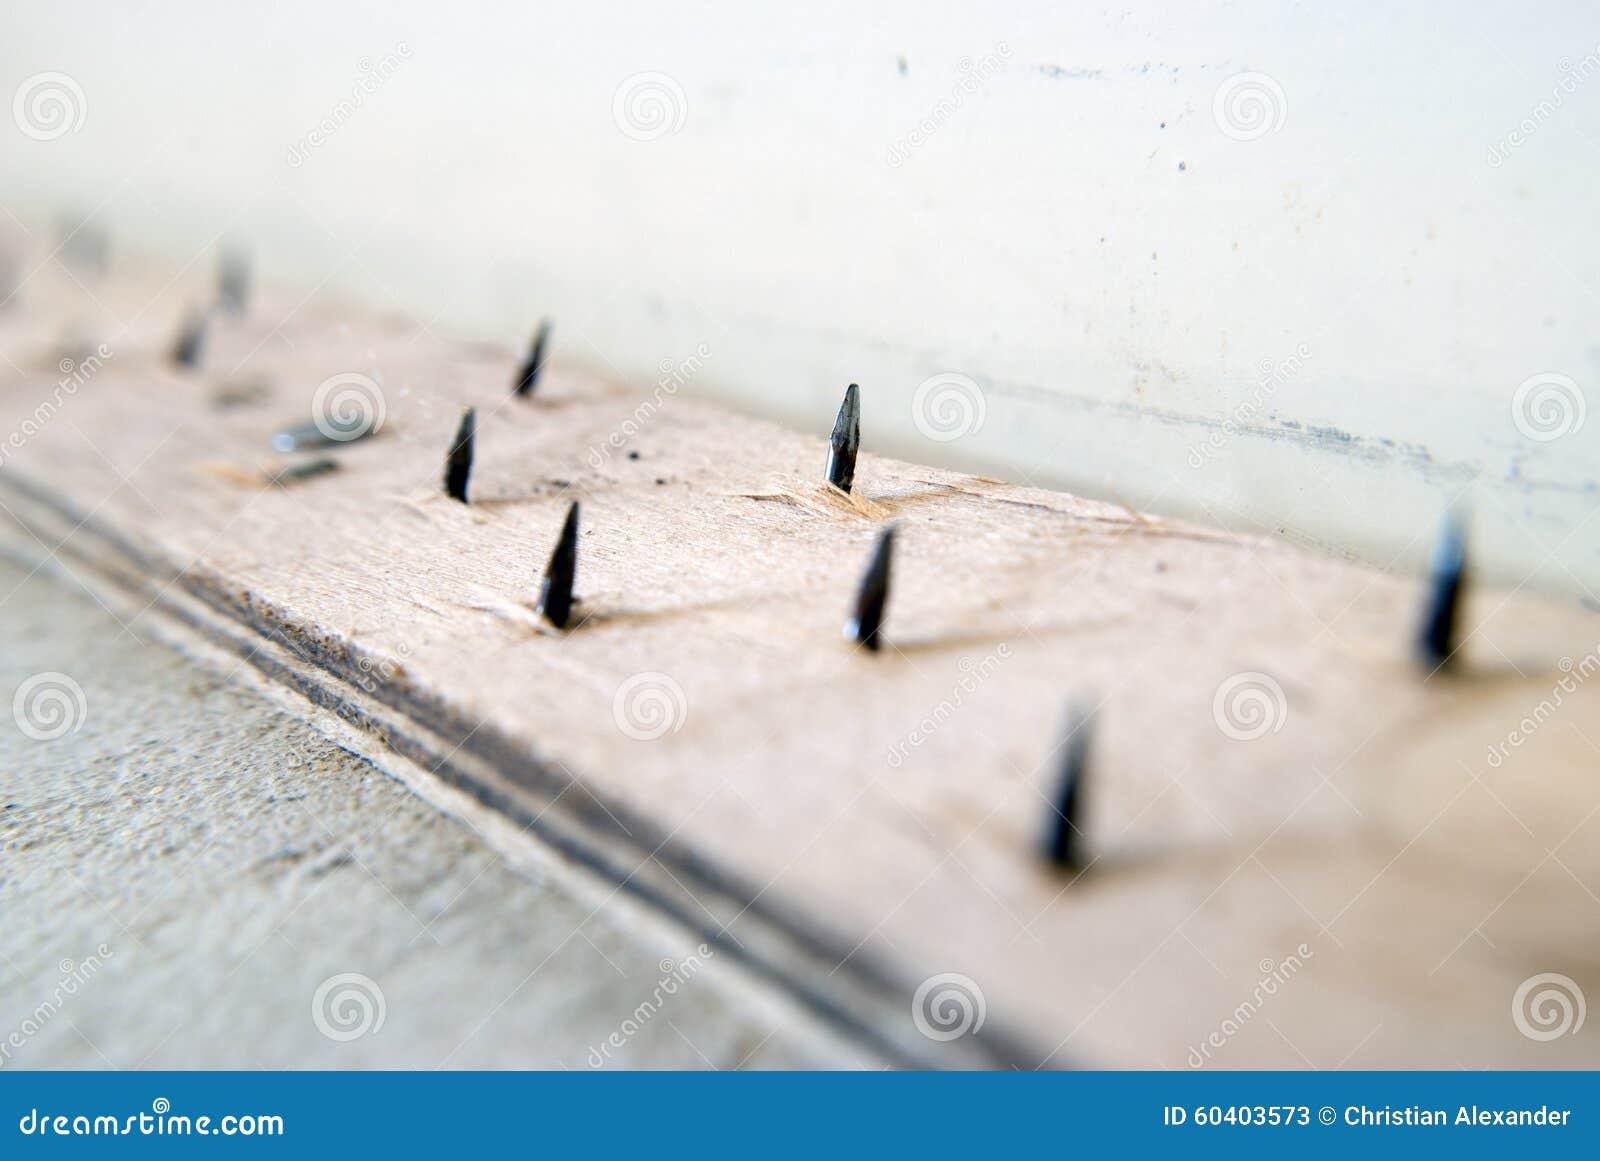 地毯设施准备-光滑的边缘